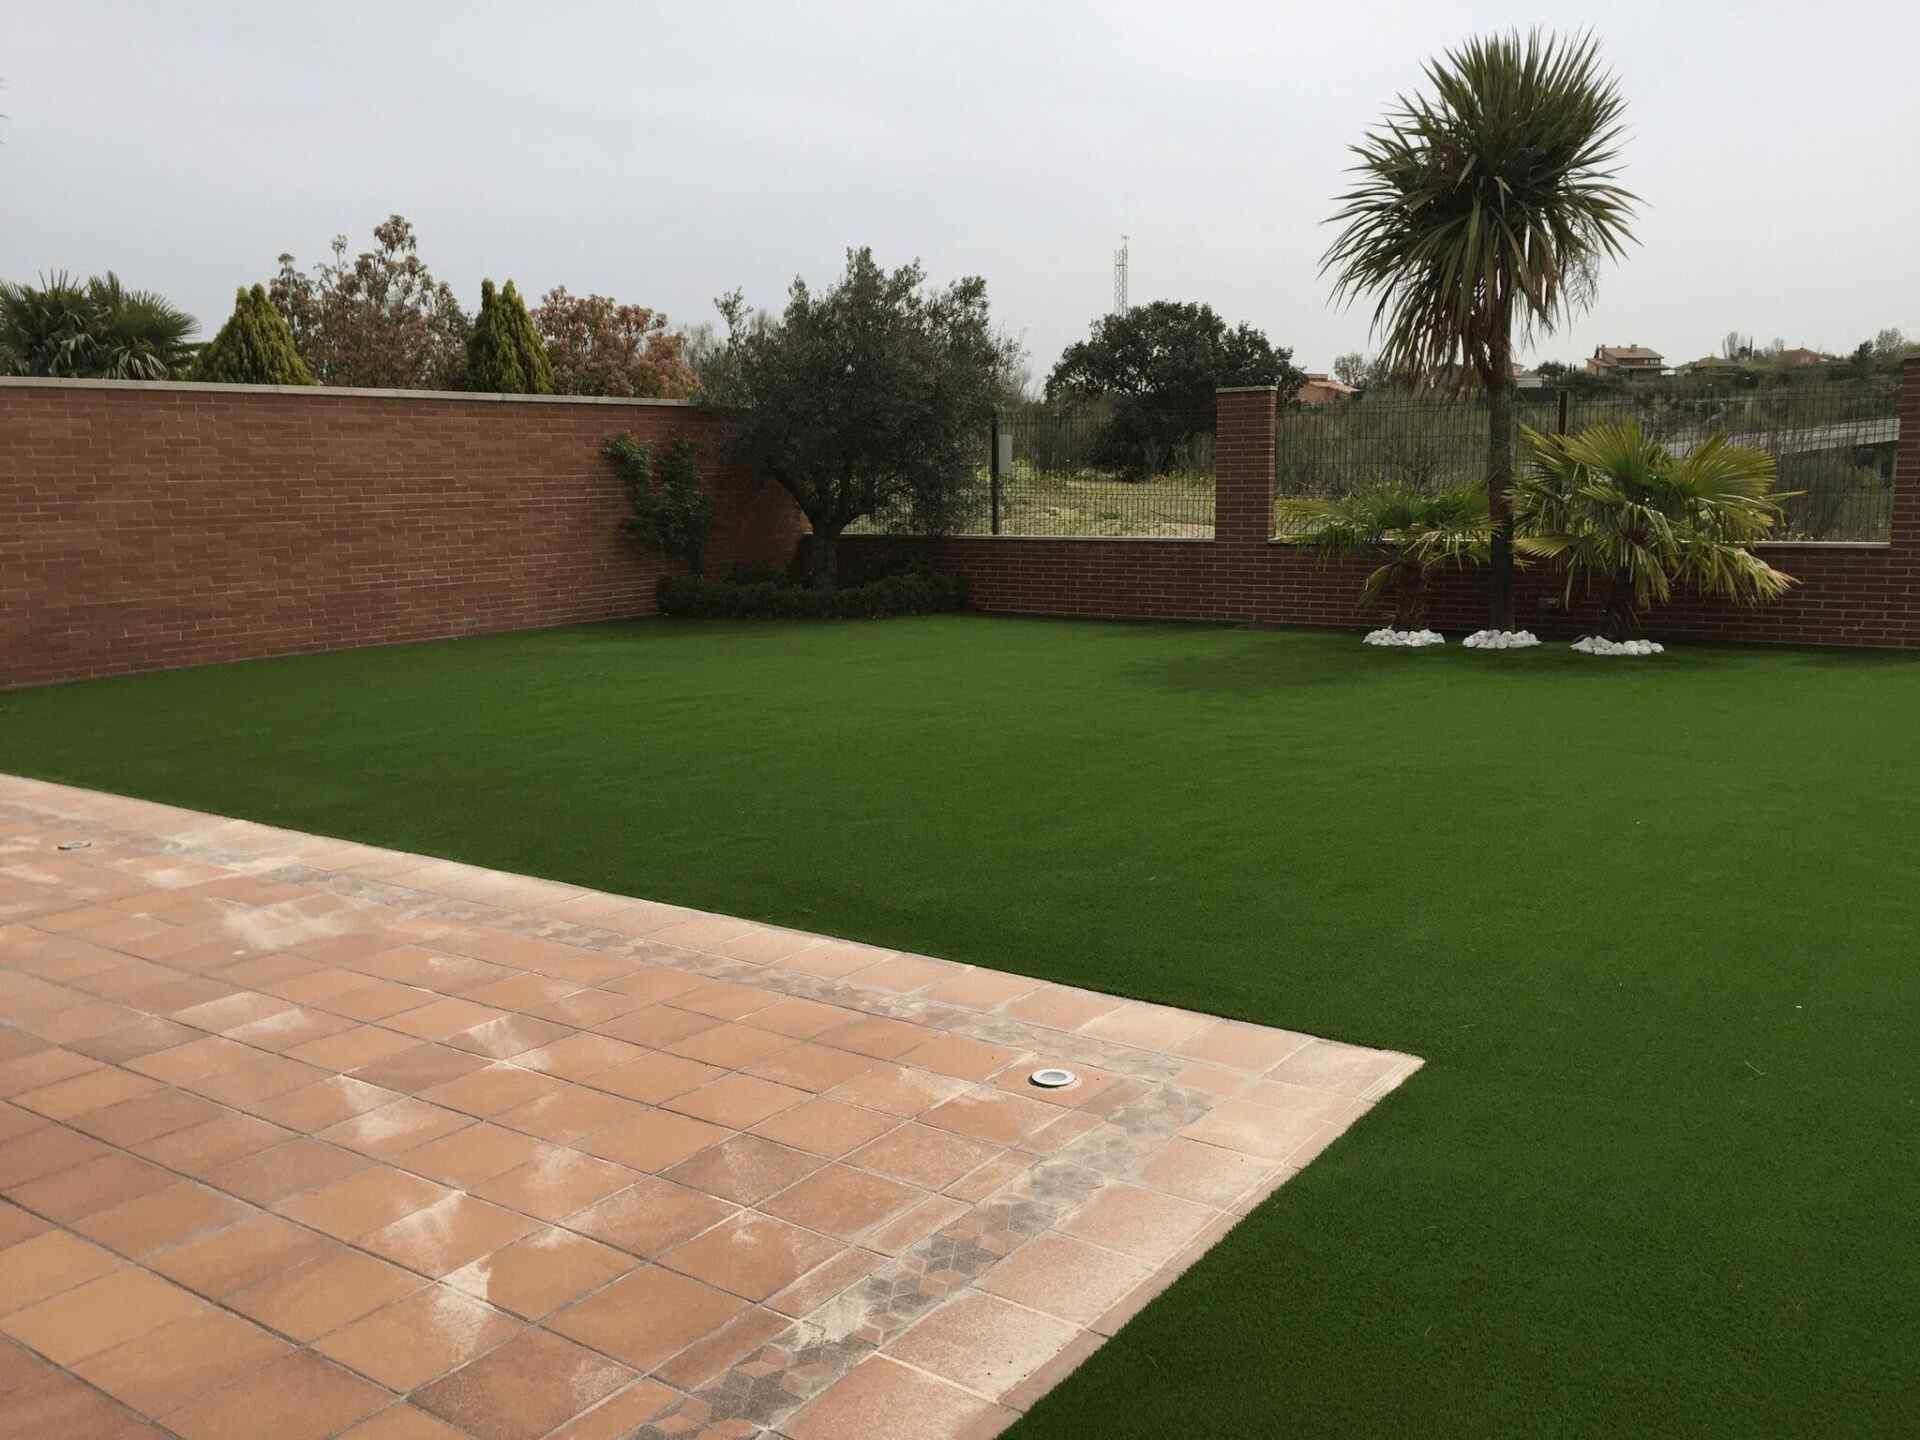 Jardines y terrazas con csped artificial Galeria de inpiracin Mayo